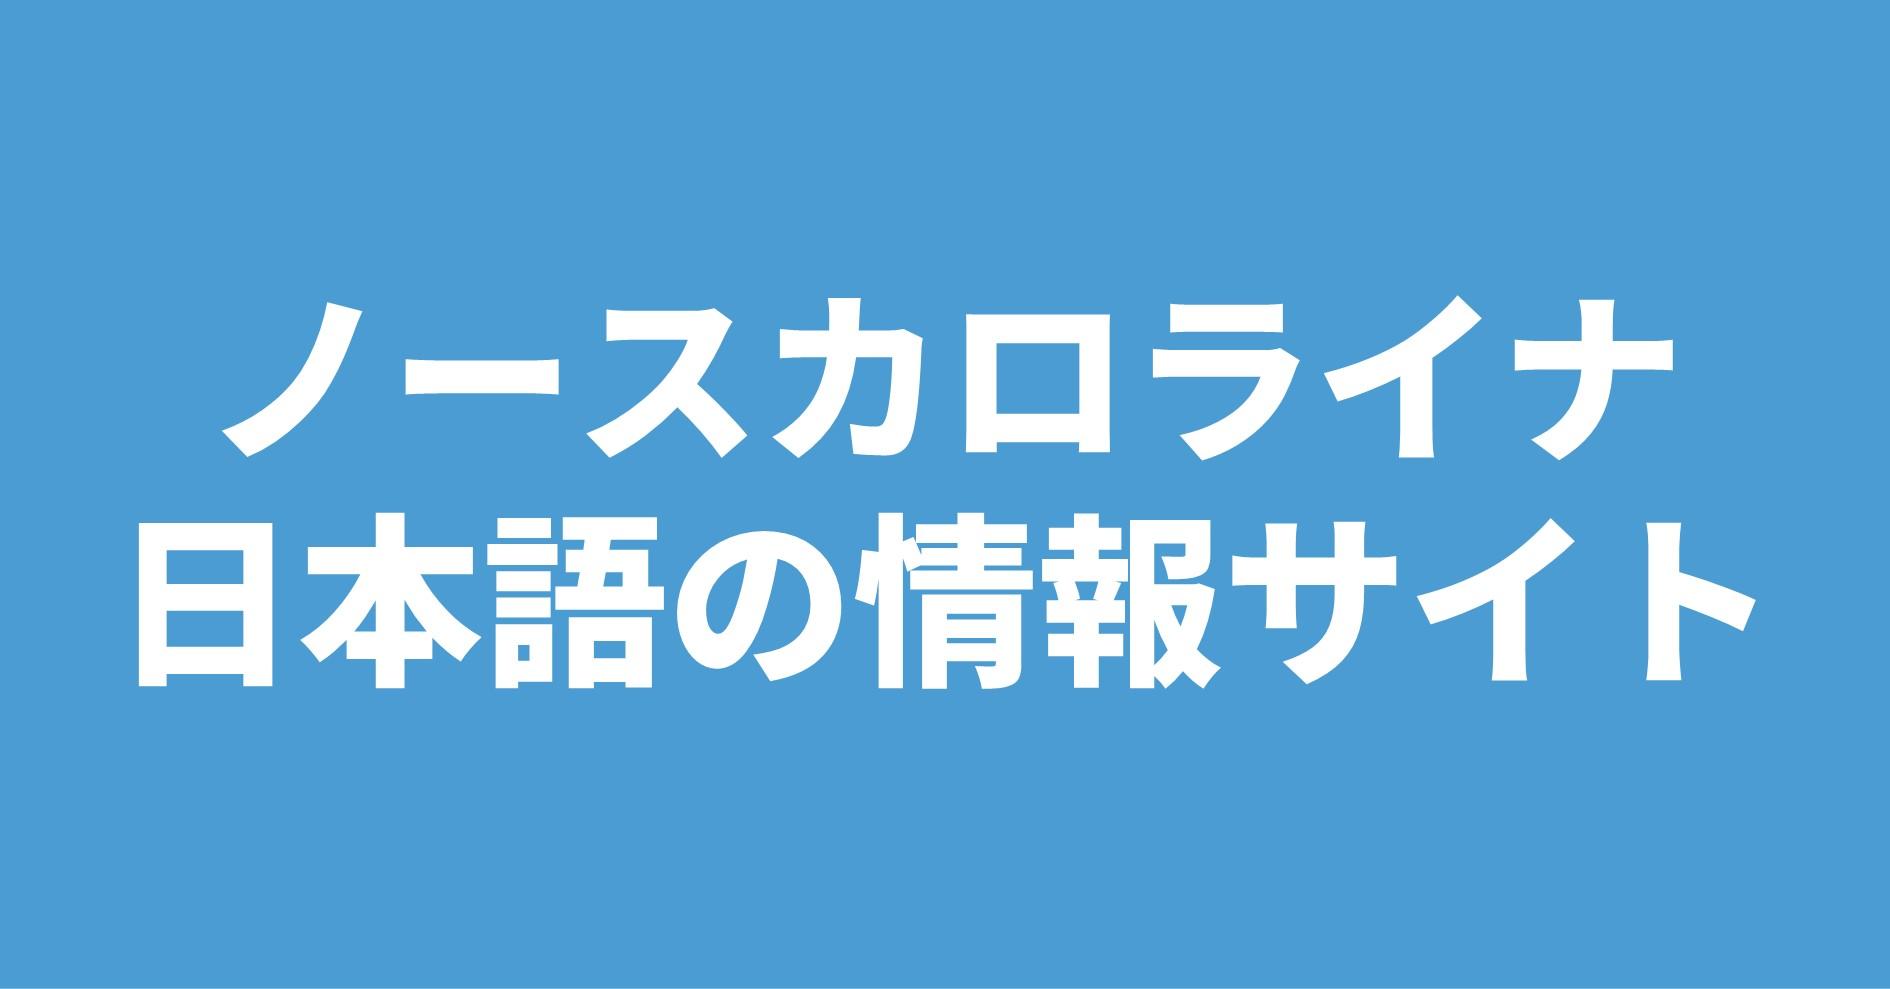 ノースカロライナ州 日本語の情報サイト